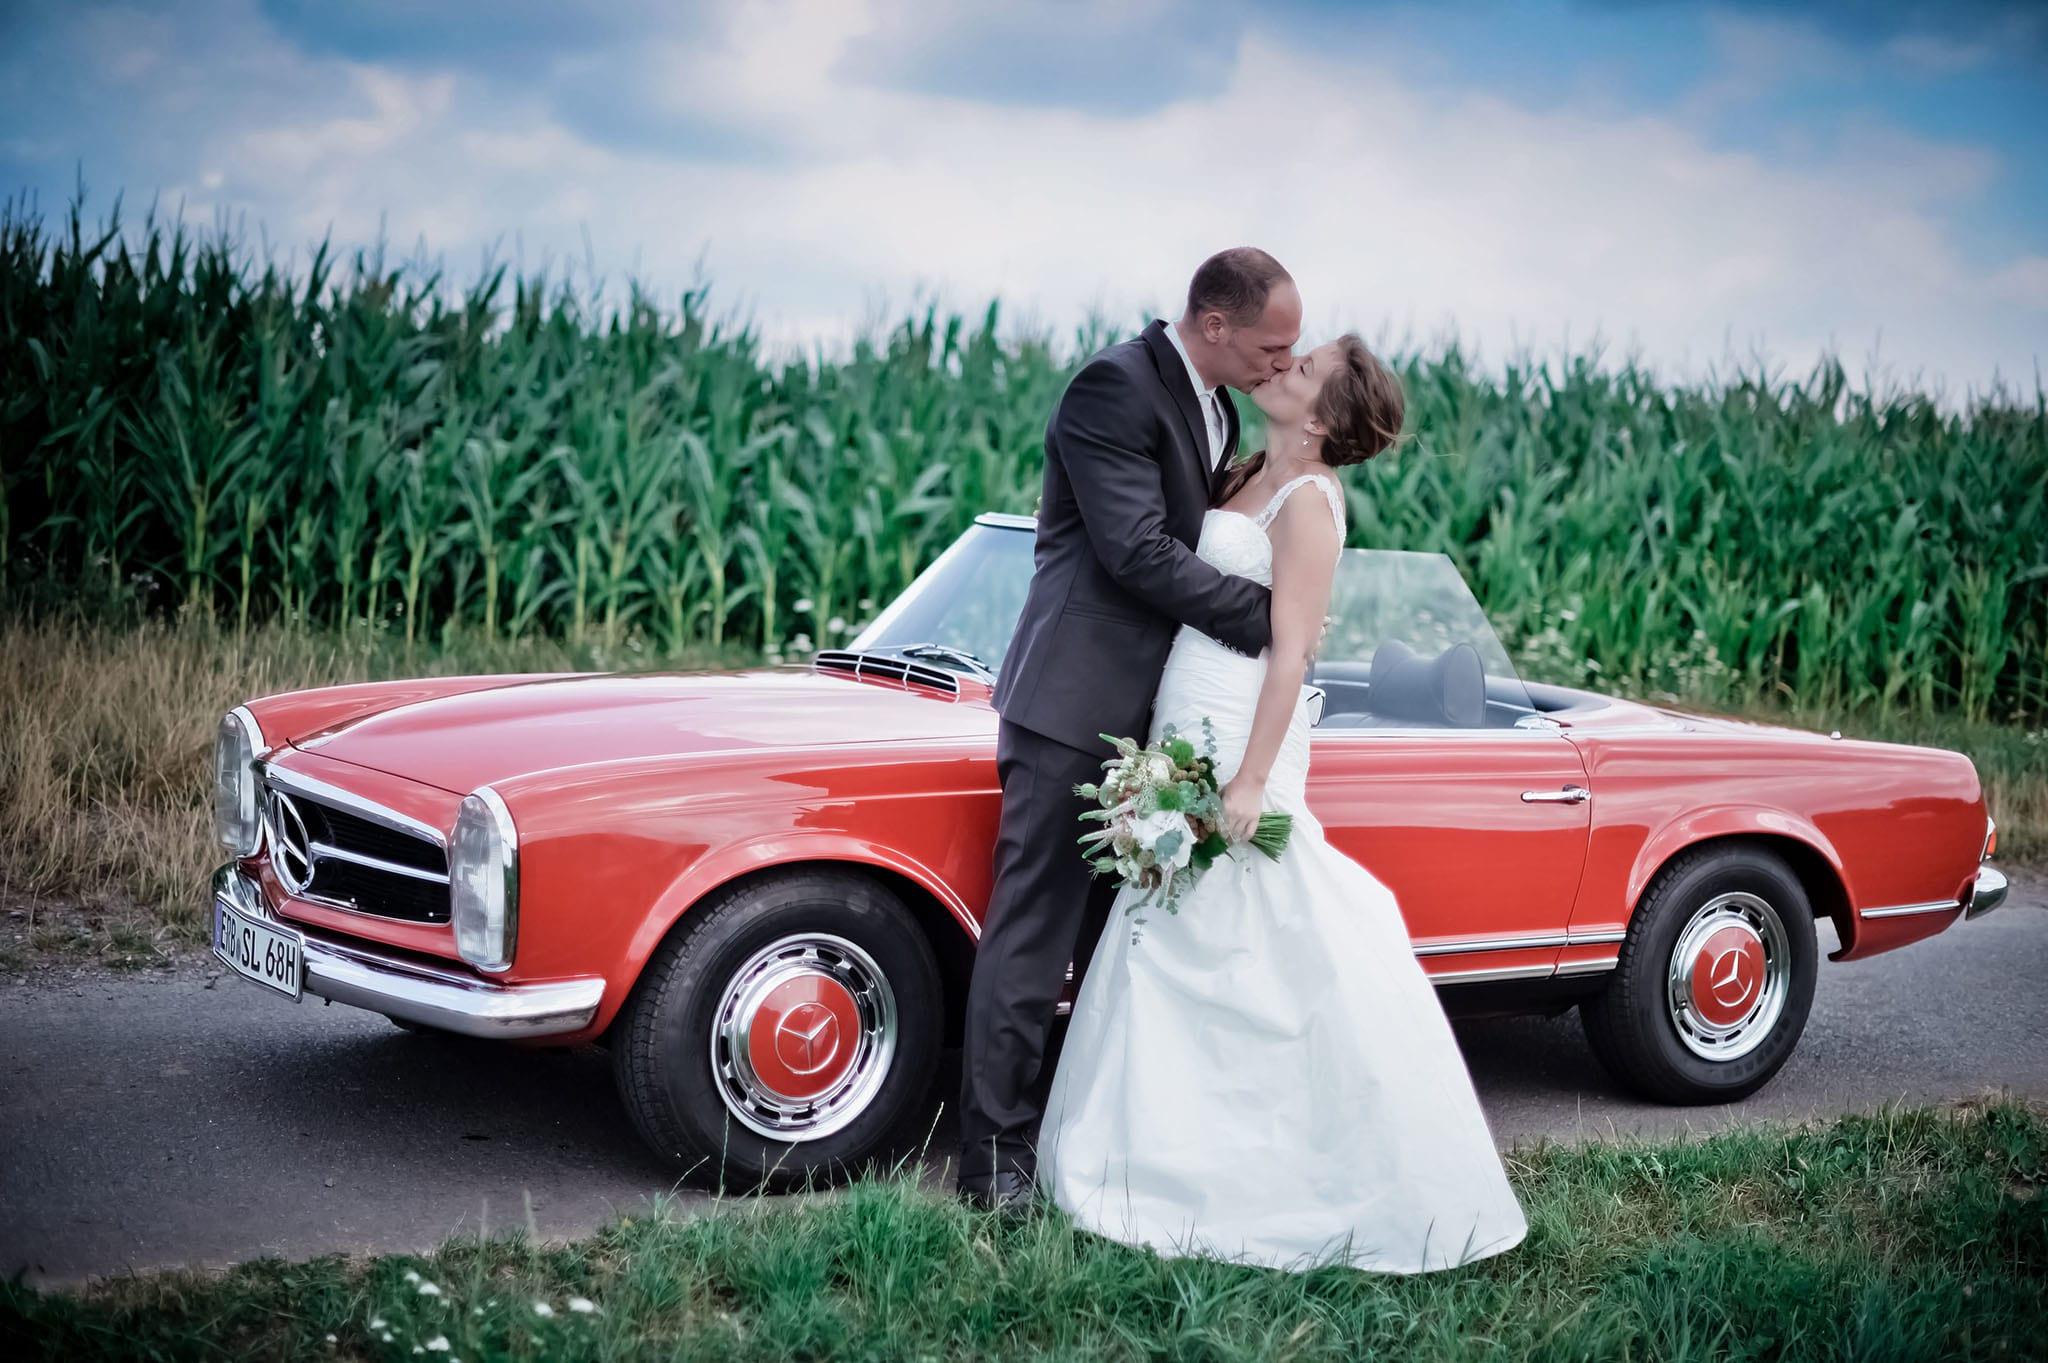 Hochzeit 045 Brautpaar Braut Bräutigam Hochzeit heiraten Hochzeitsfoto Oldtimer Odenwald Paarshooting Hochzeitsfotografie Daniel Fuss Fotografie